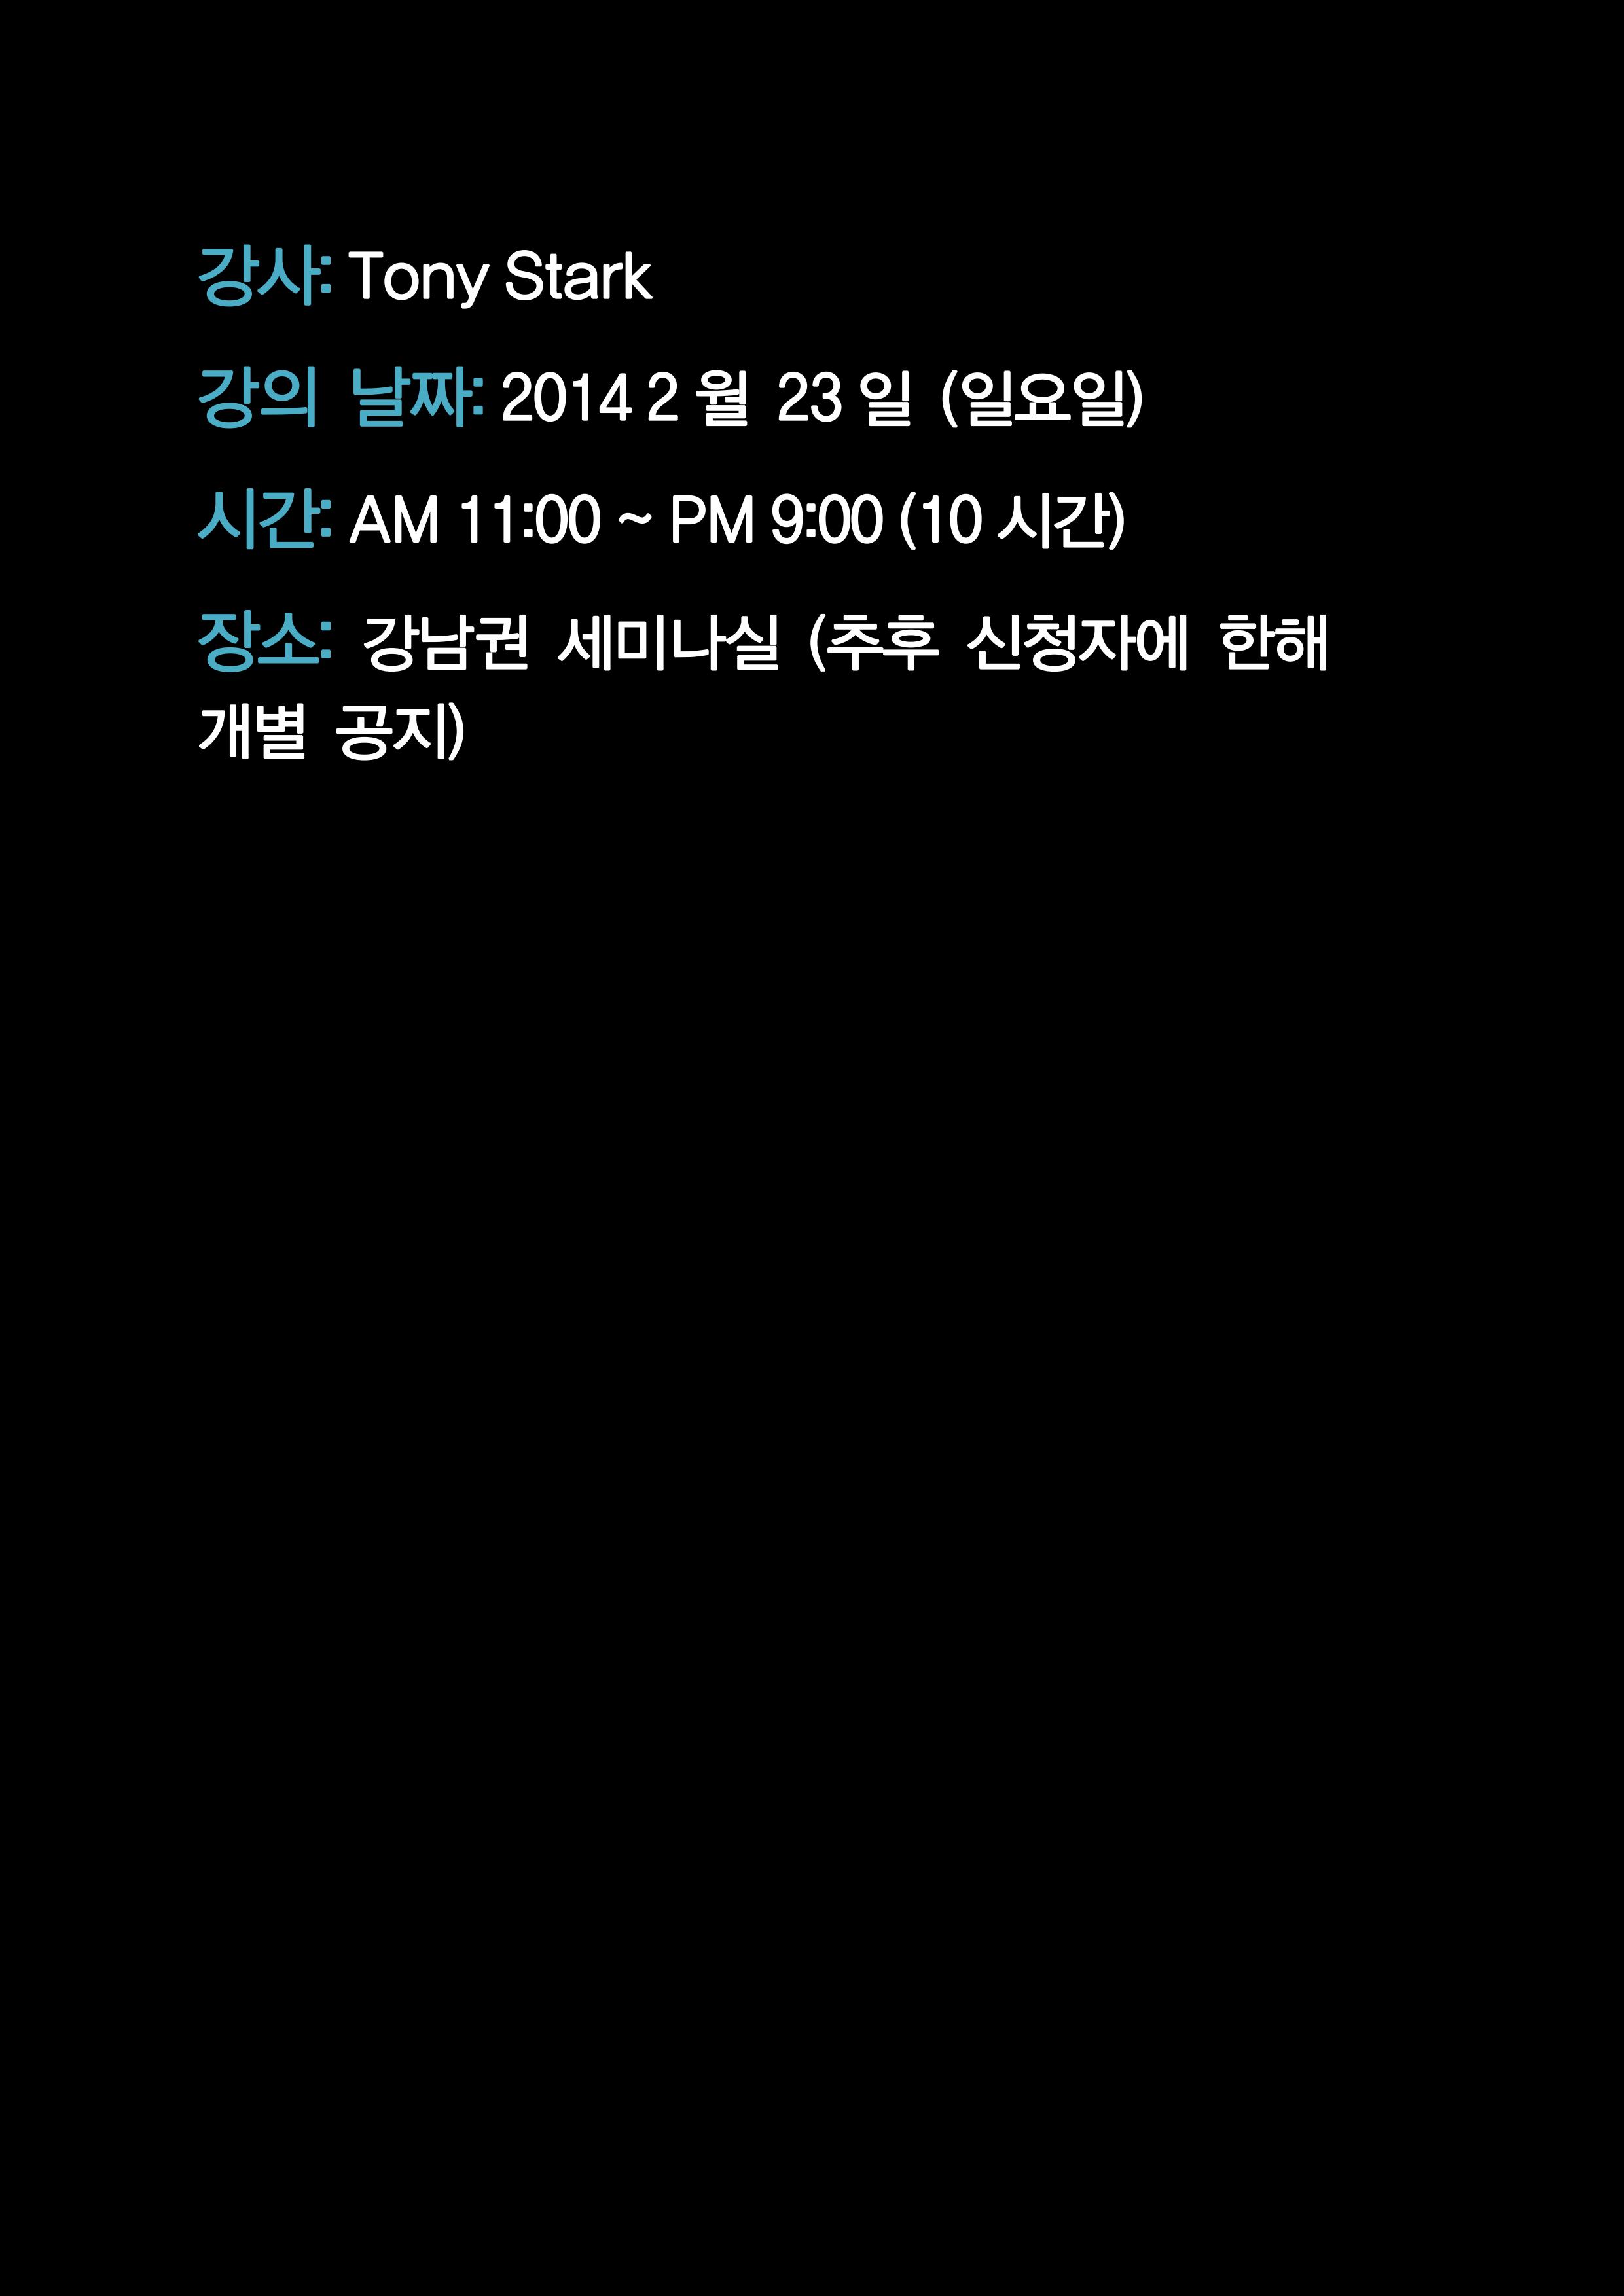 본 머티리어 1회차 홍보글 v4(수강후기 따로 편집요함)_46.png